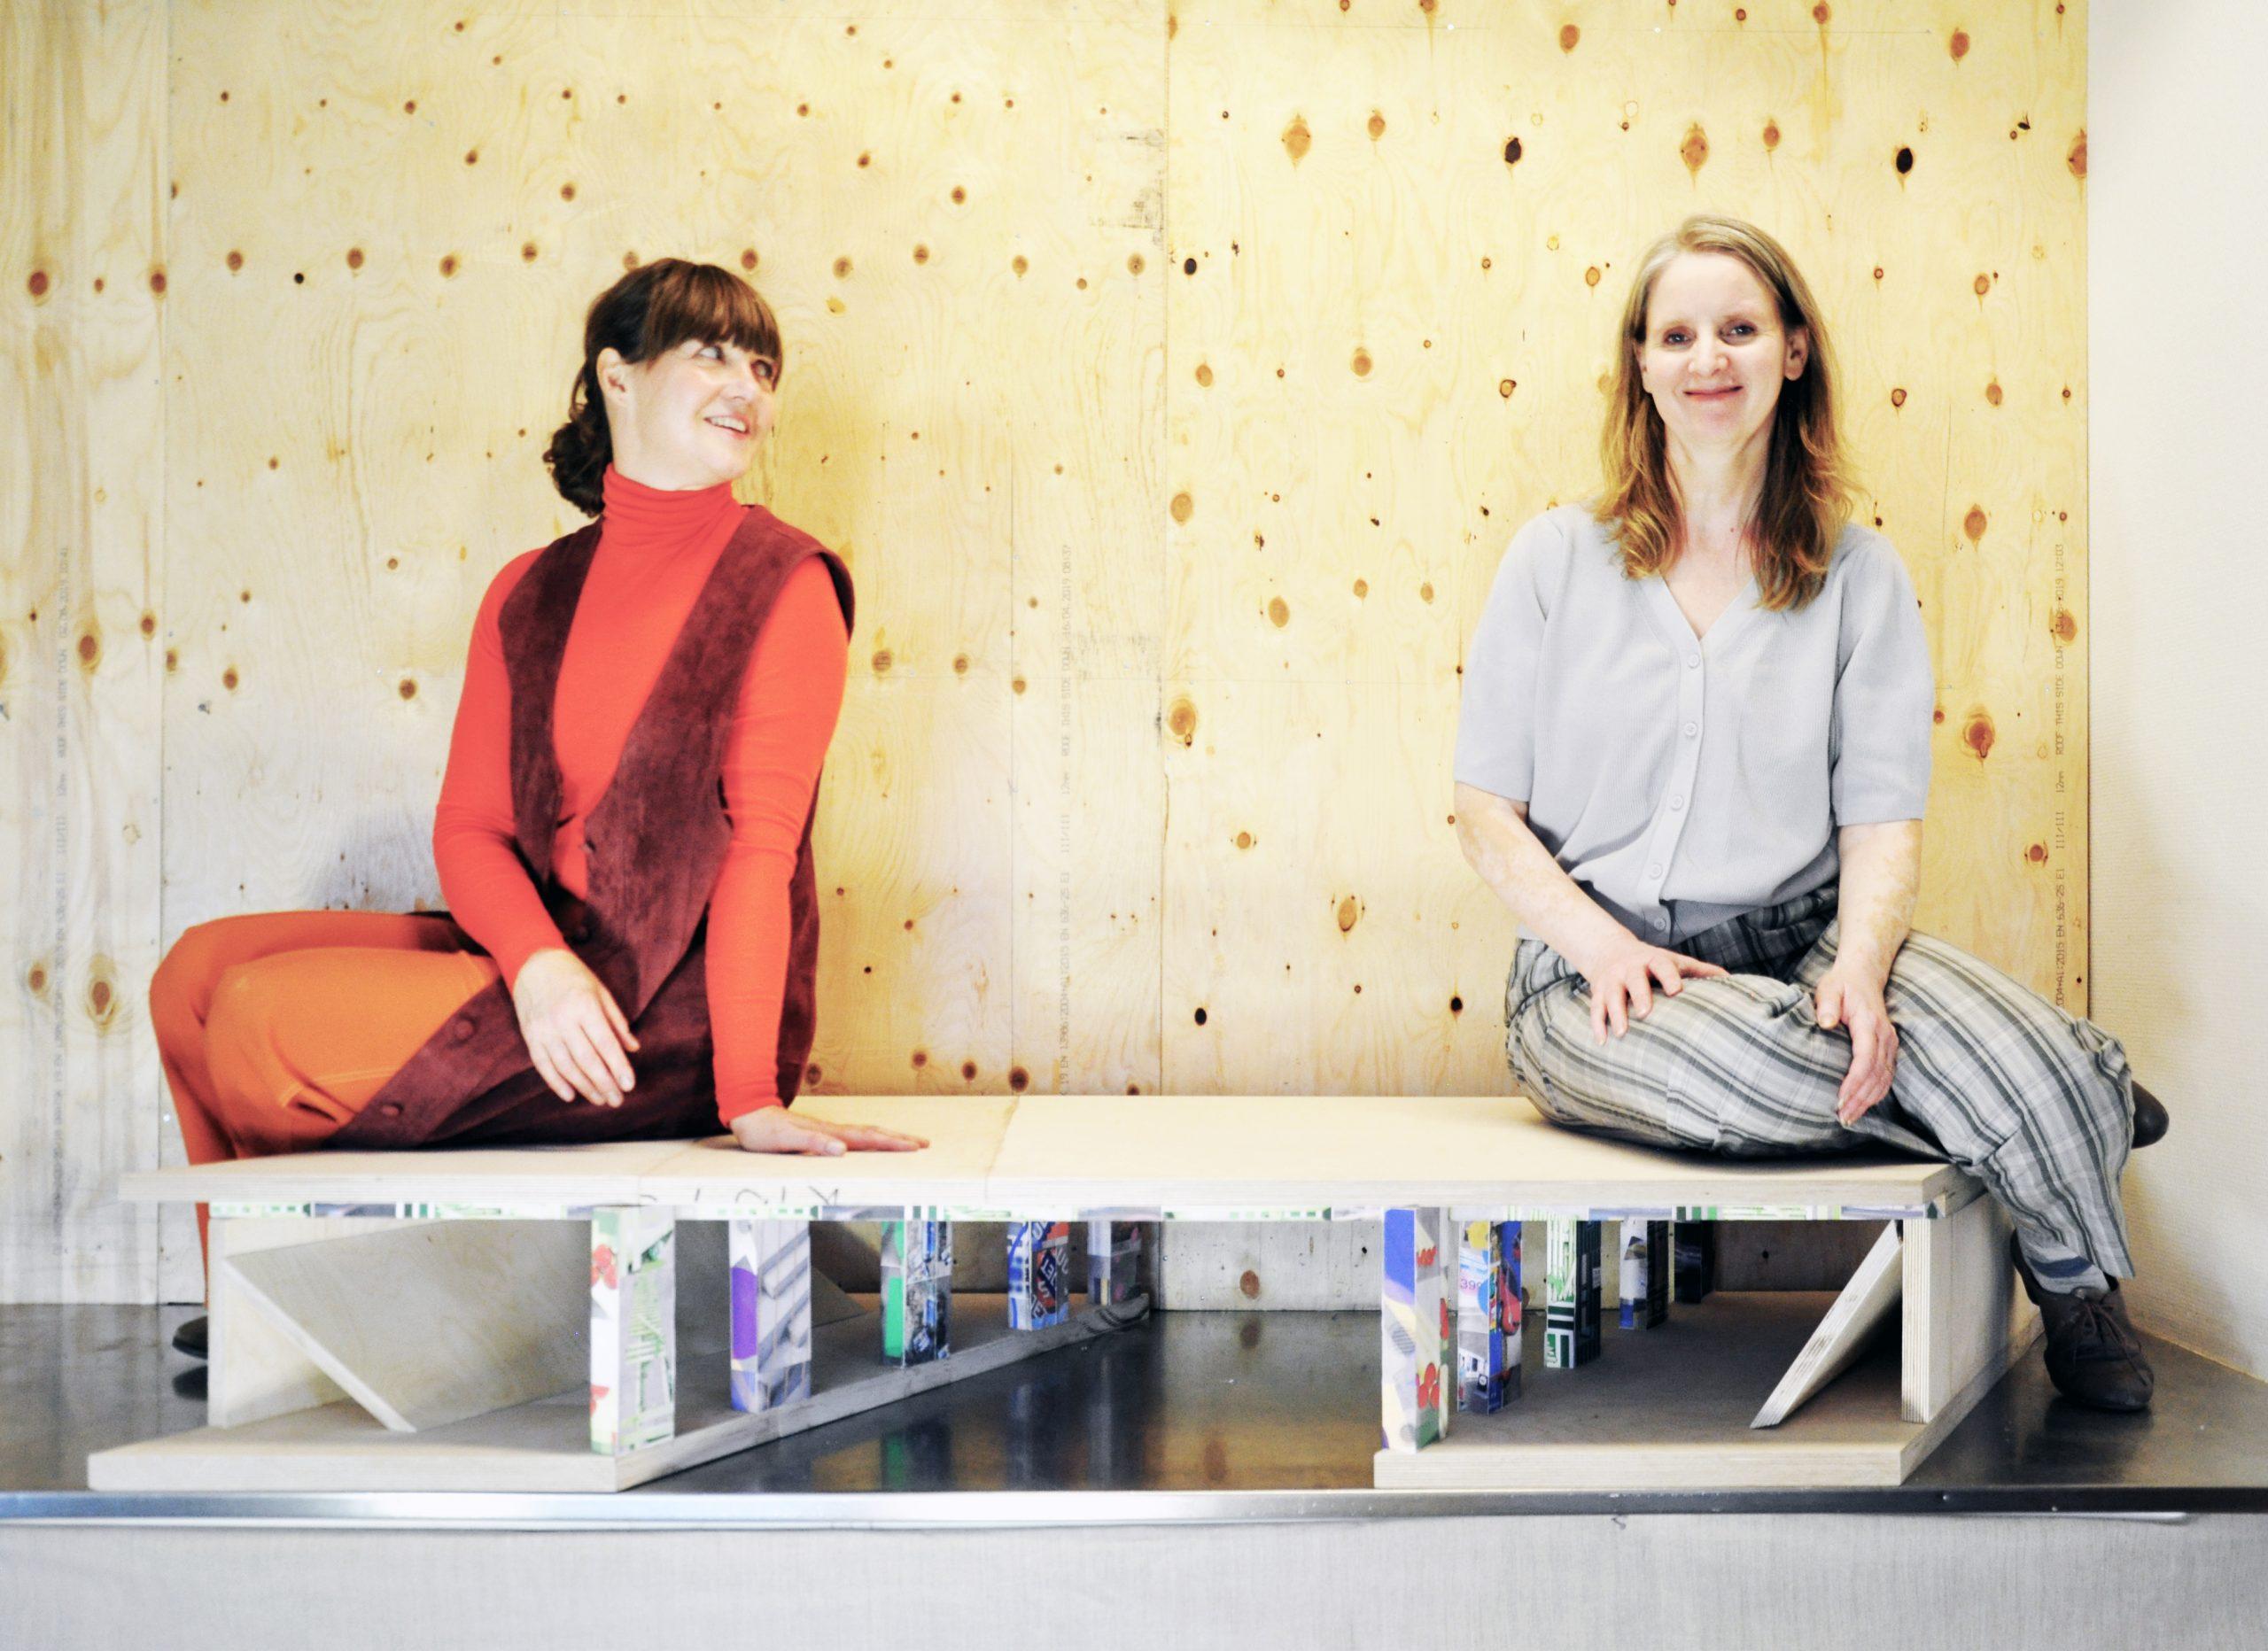 Aalborgs svar på metro-stationer: Sådan udsmykkes Plusbus-stationer